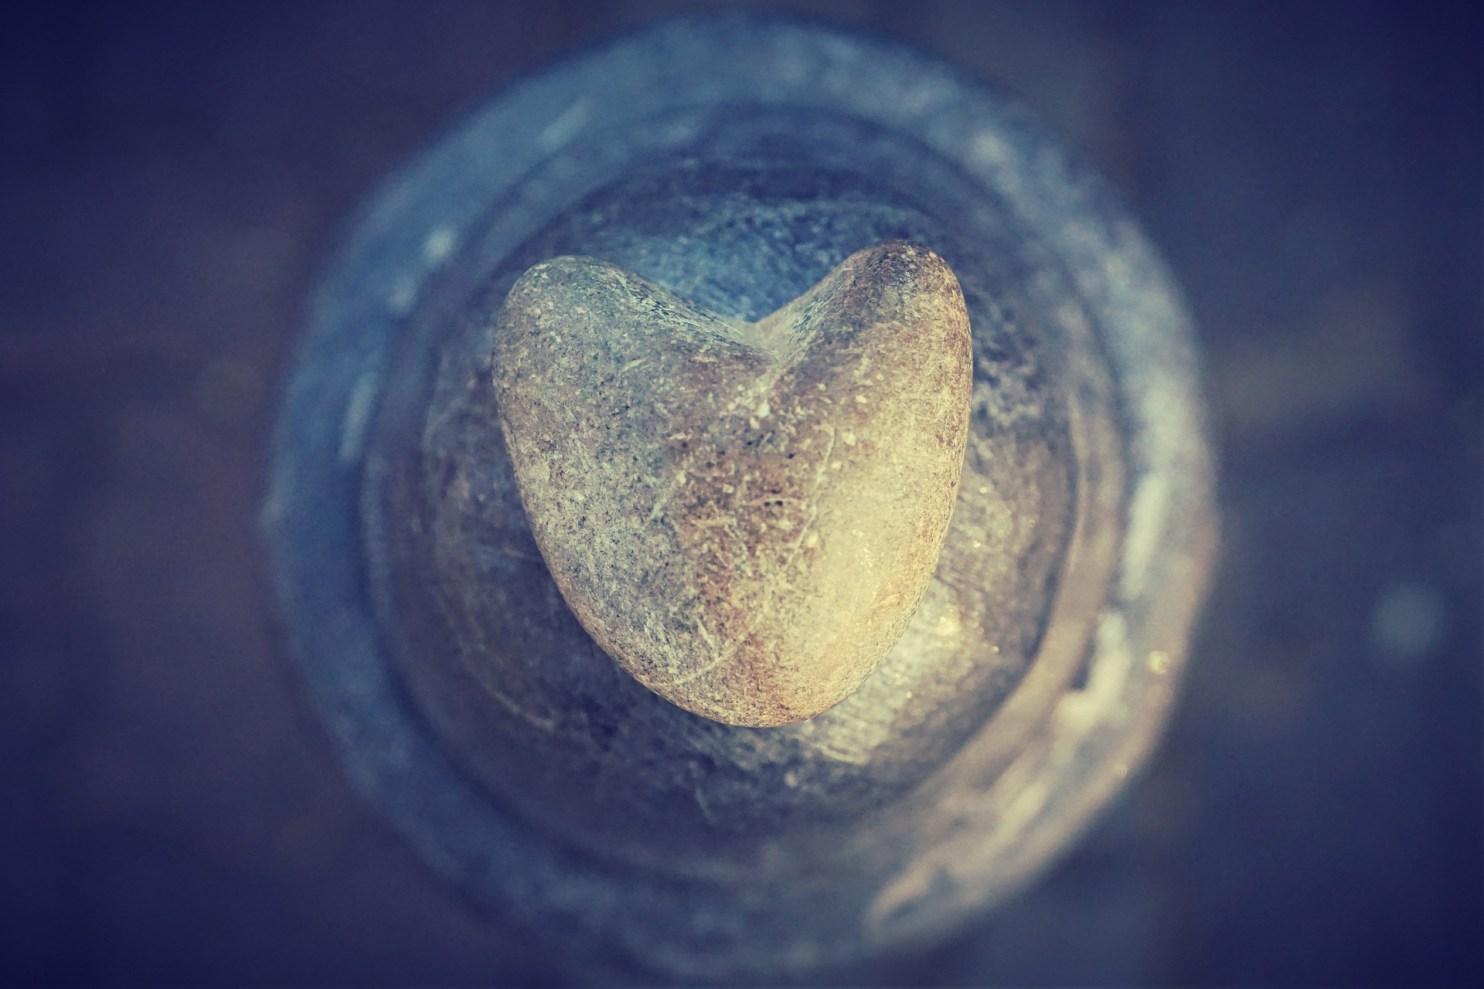 heart center made of rock